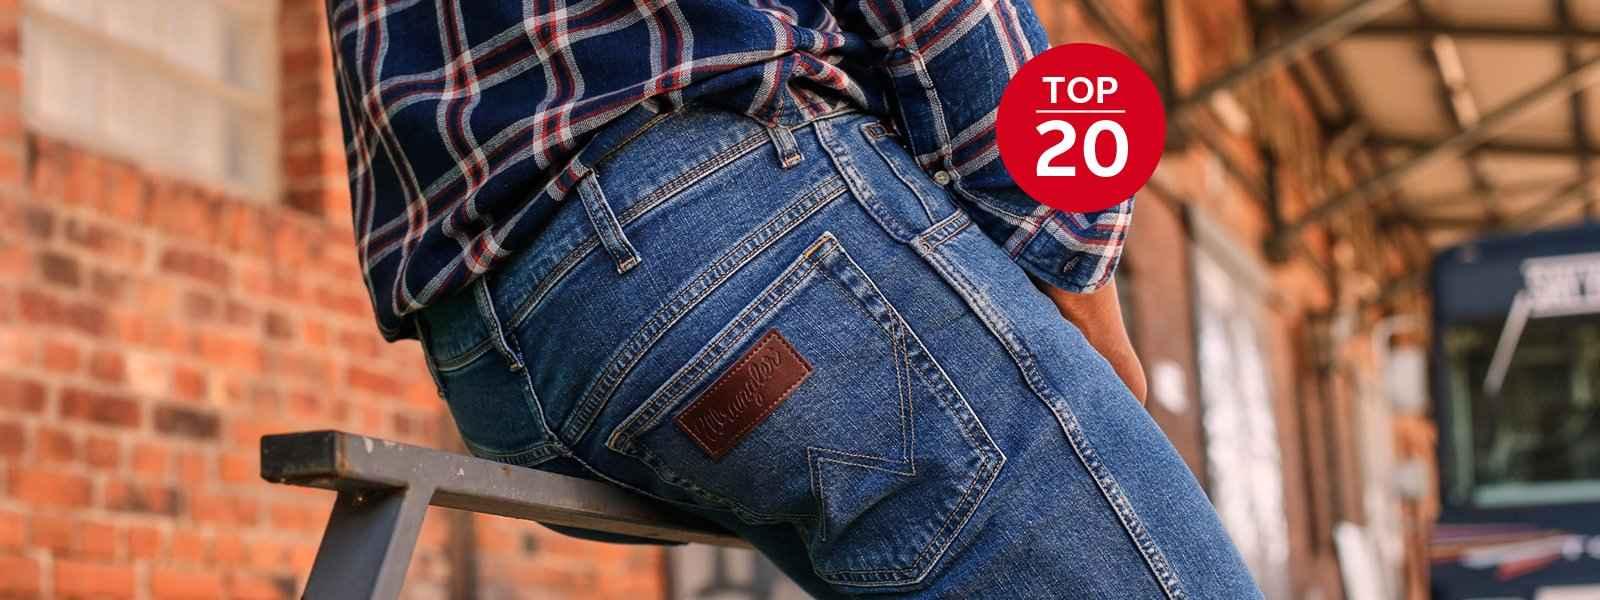 20 Herren Jeans